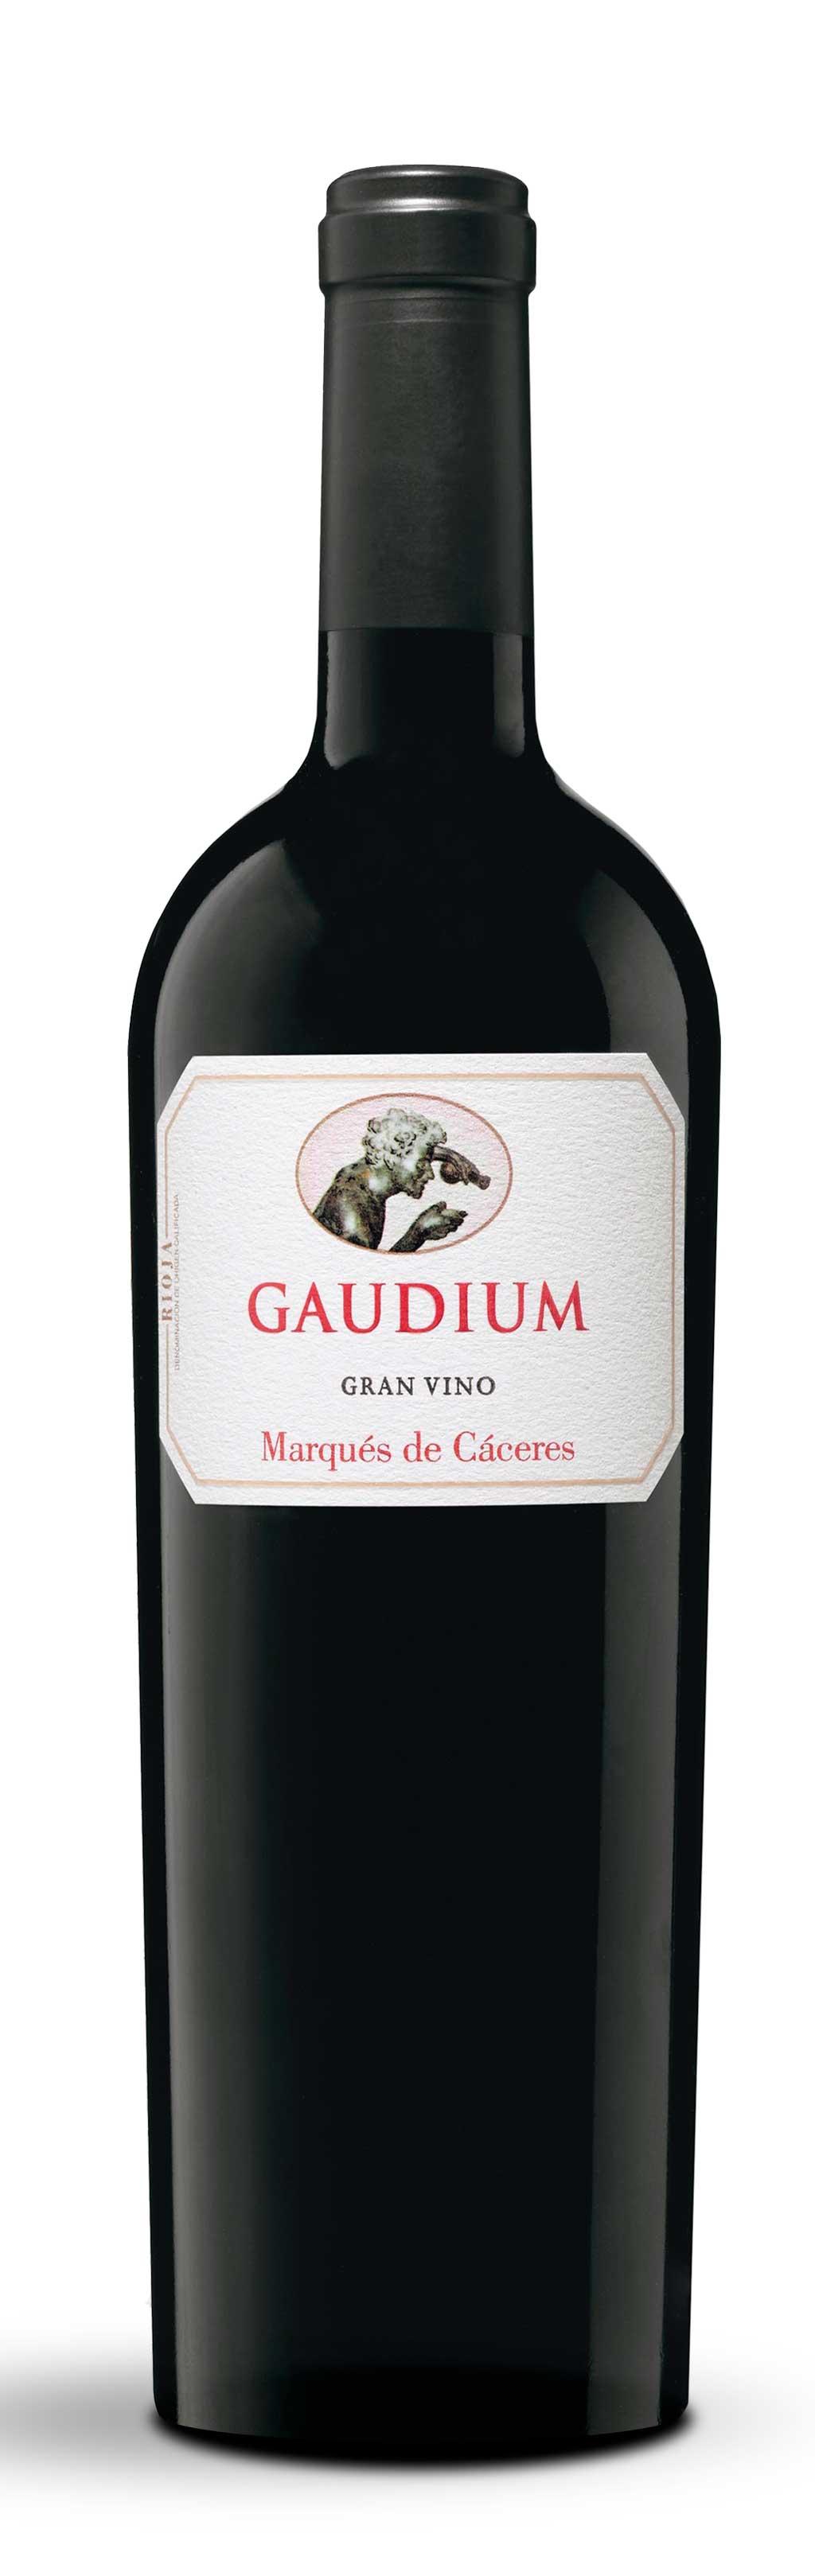 Gaudium Gran Vino ( Bodegas Marqués de Cáceres ) 1998